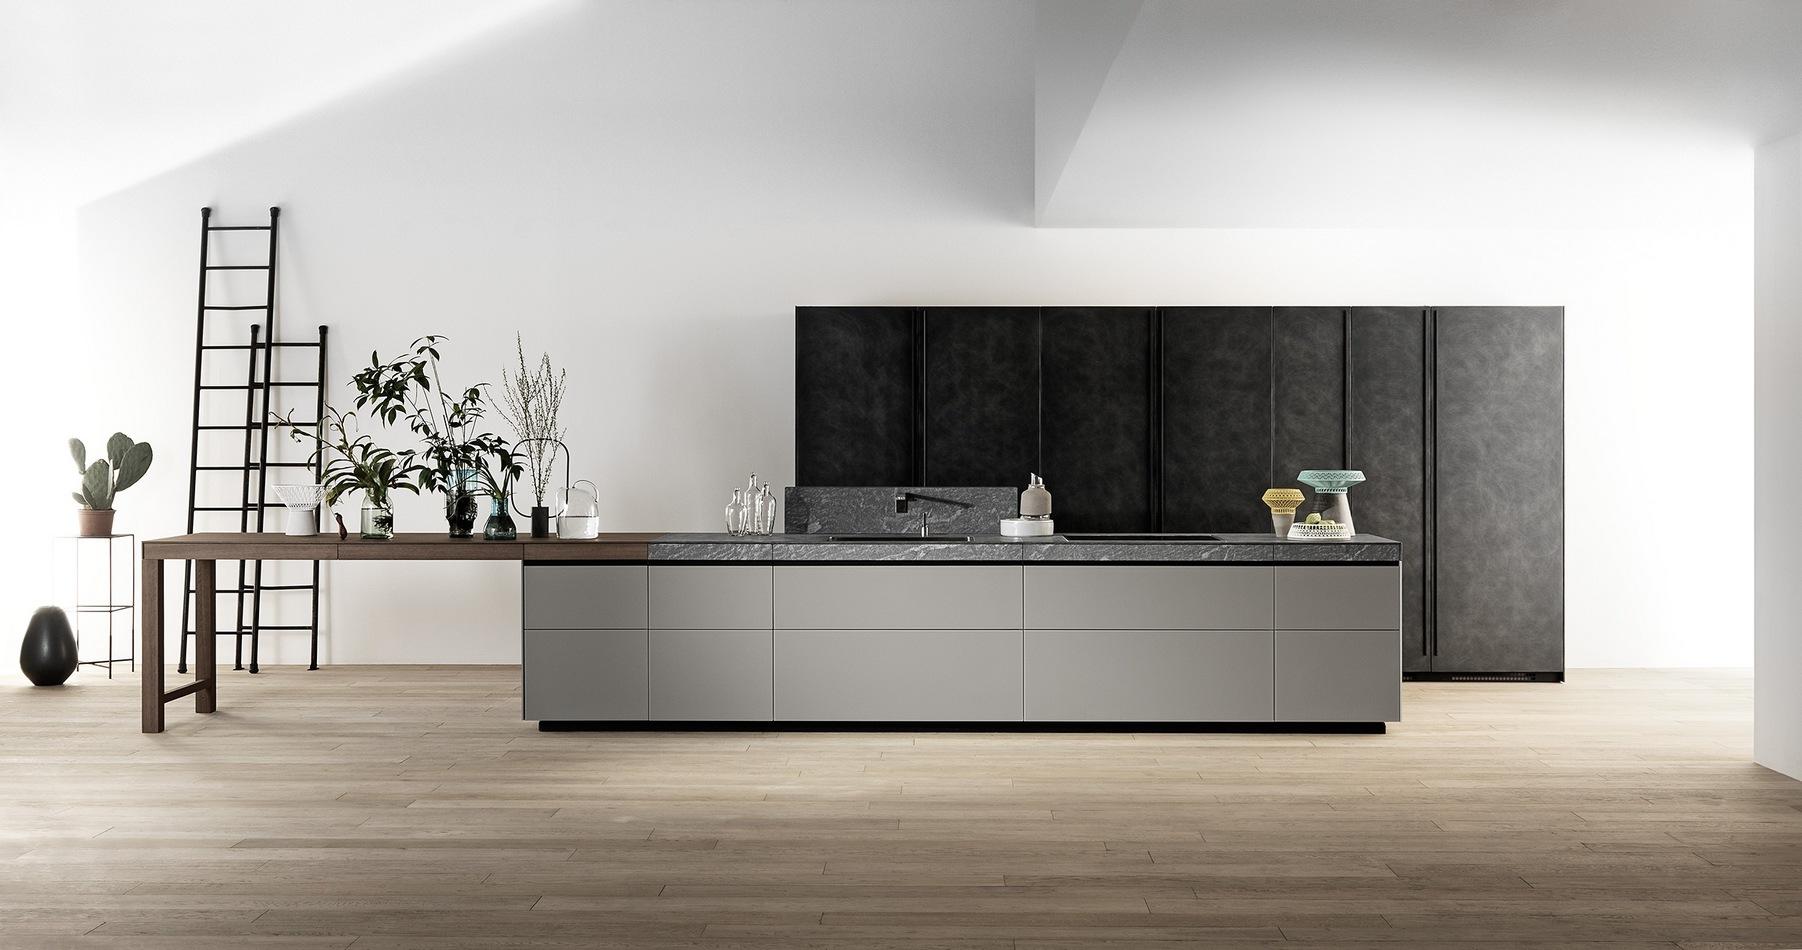 Scegli la tua nuova cucina Valcucine a Bergamo | Carminati e ...